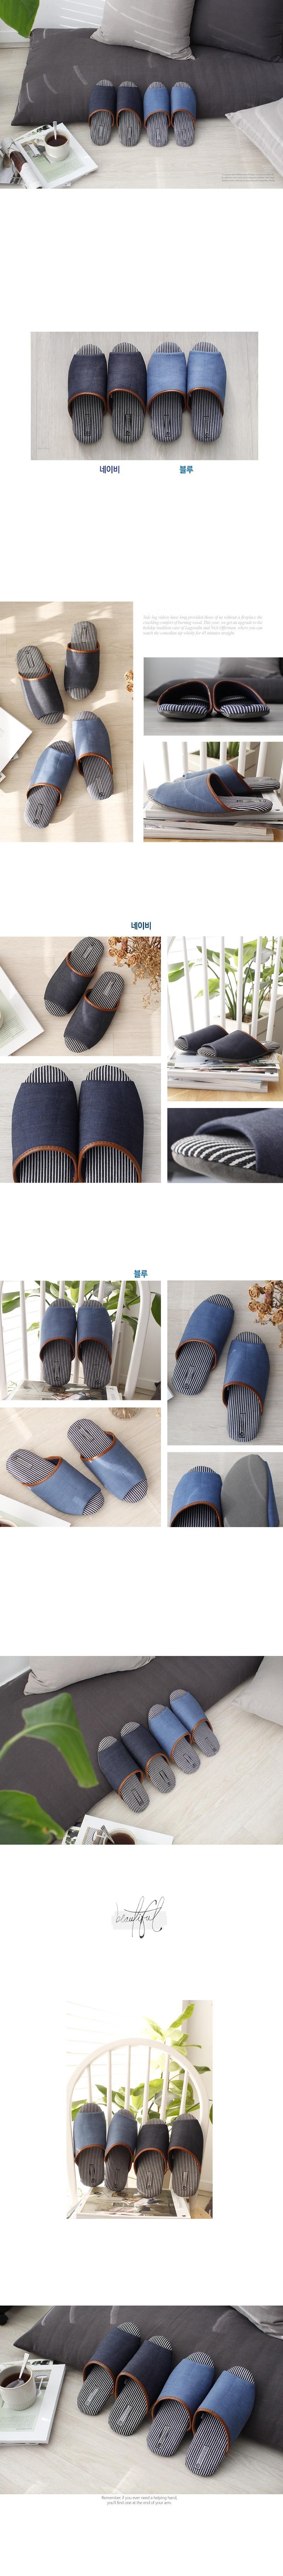 청스토리 핫도그 슬리퍼(2color) - 디자인, 11,400원, 슬리퍼/거실화, 오픈형